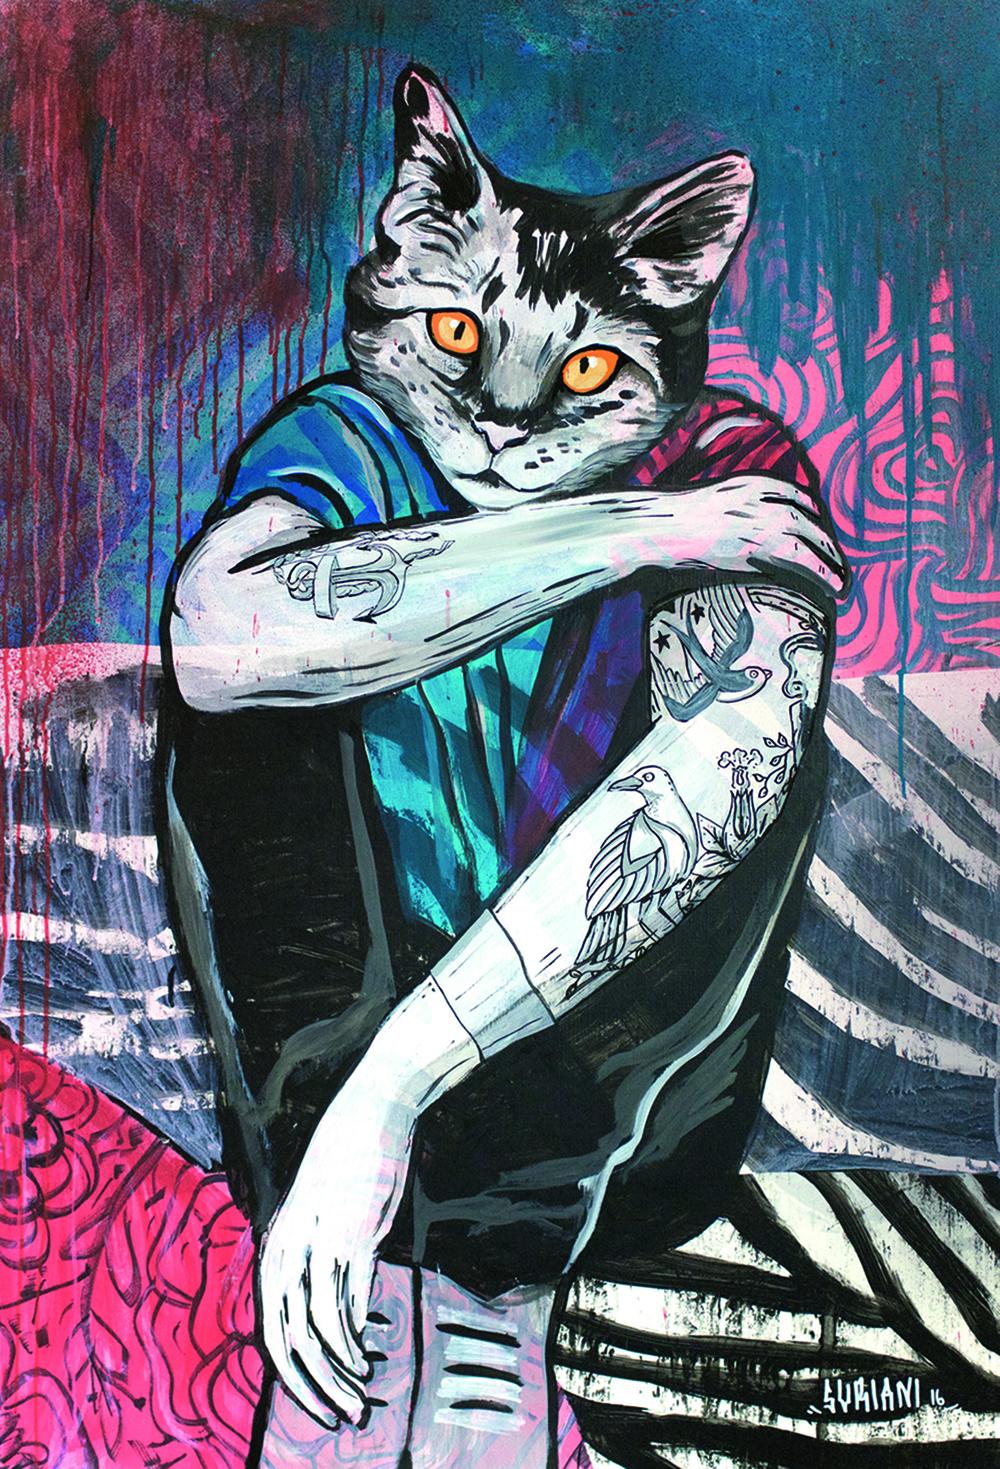 Suriani's canvas